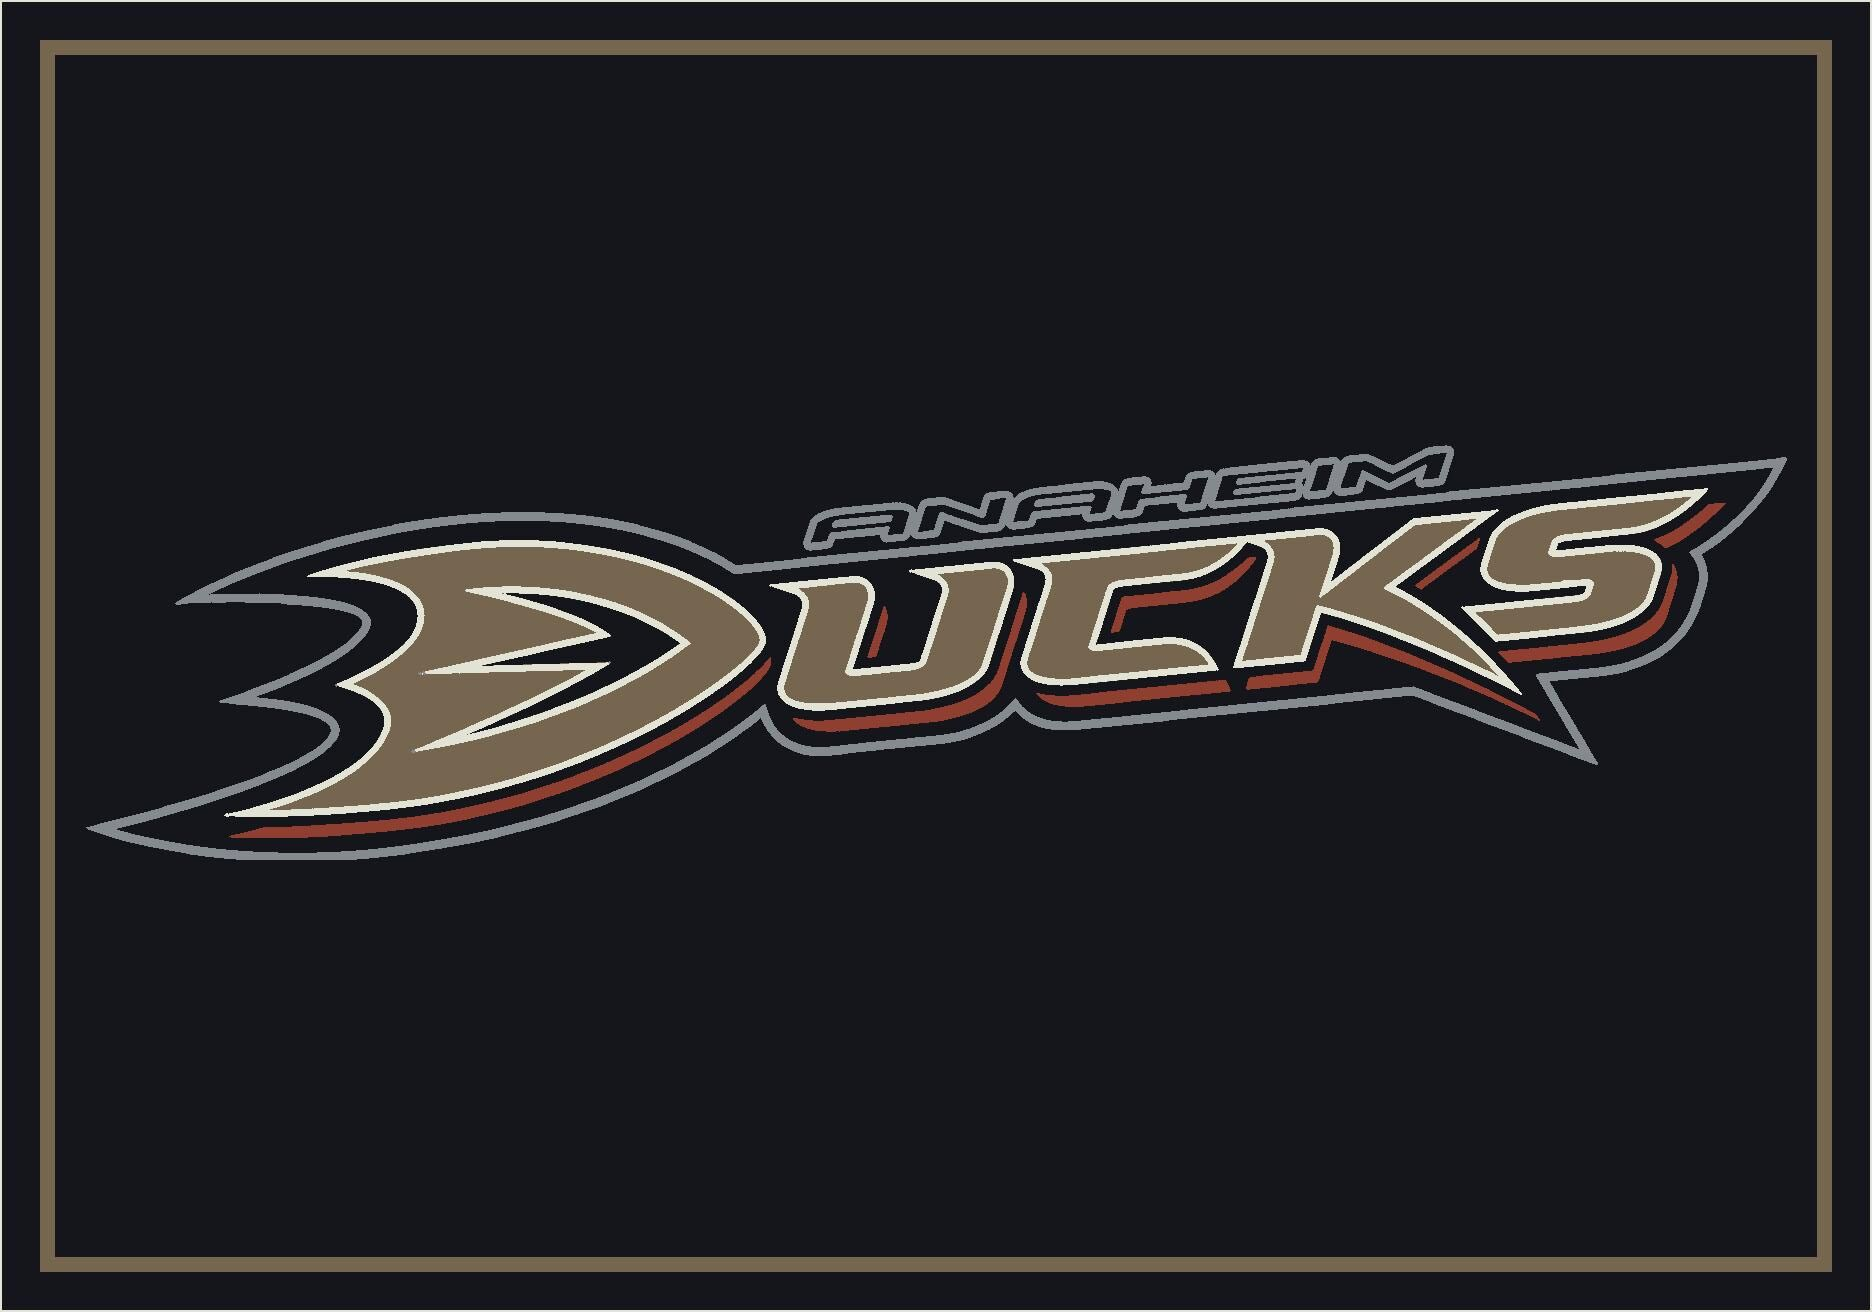 NHL Area Rug NHL Team: Anaheim Ducks